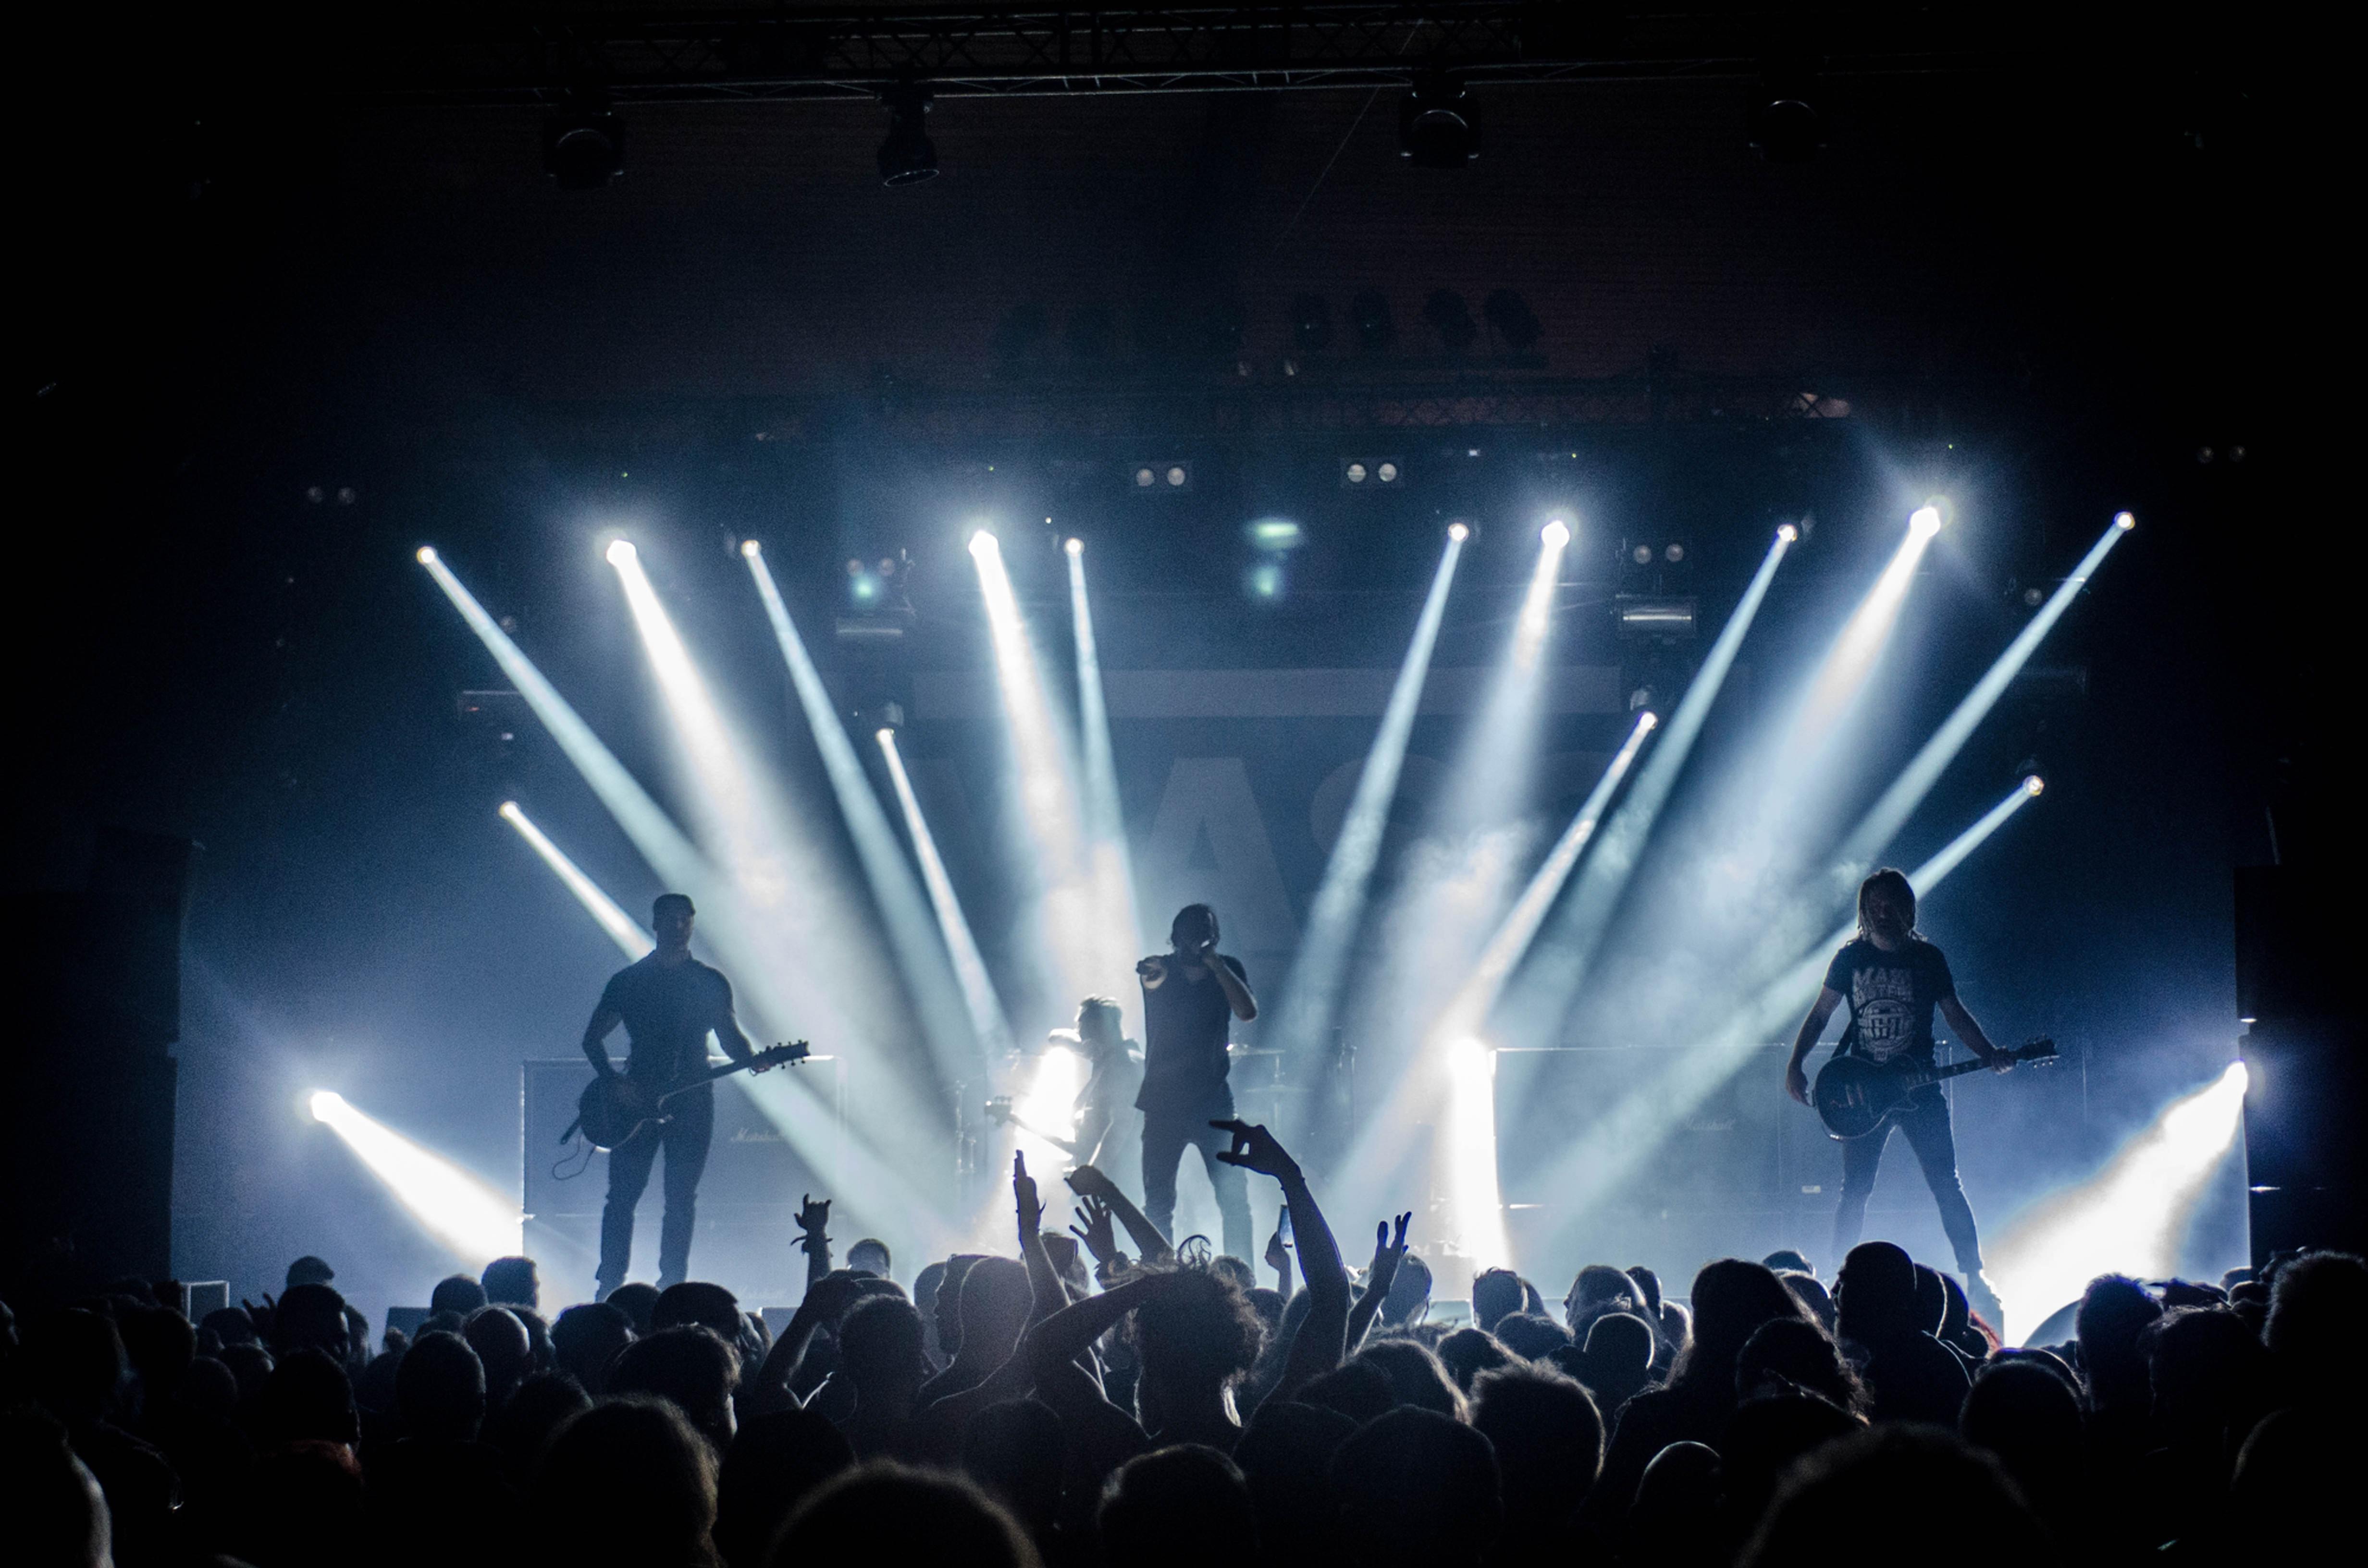 Live opptak av konserter og arrangement